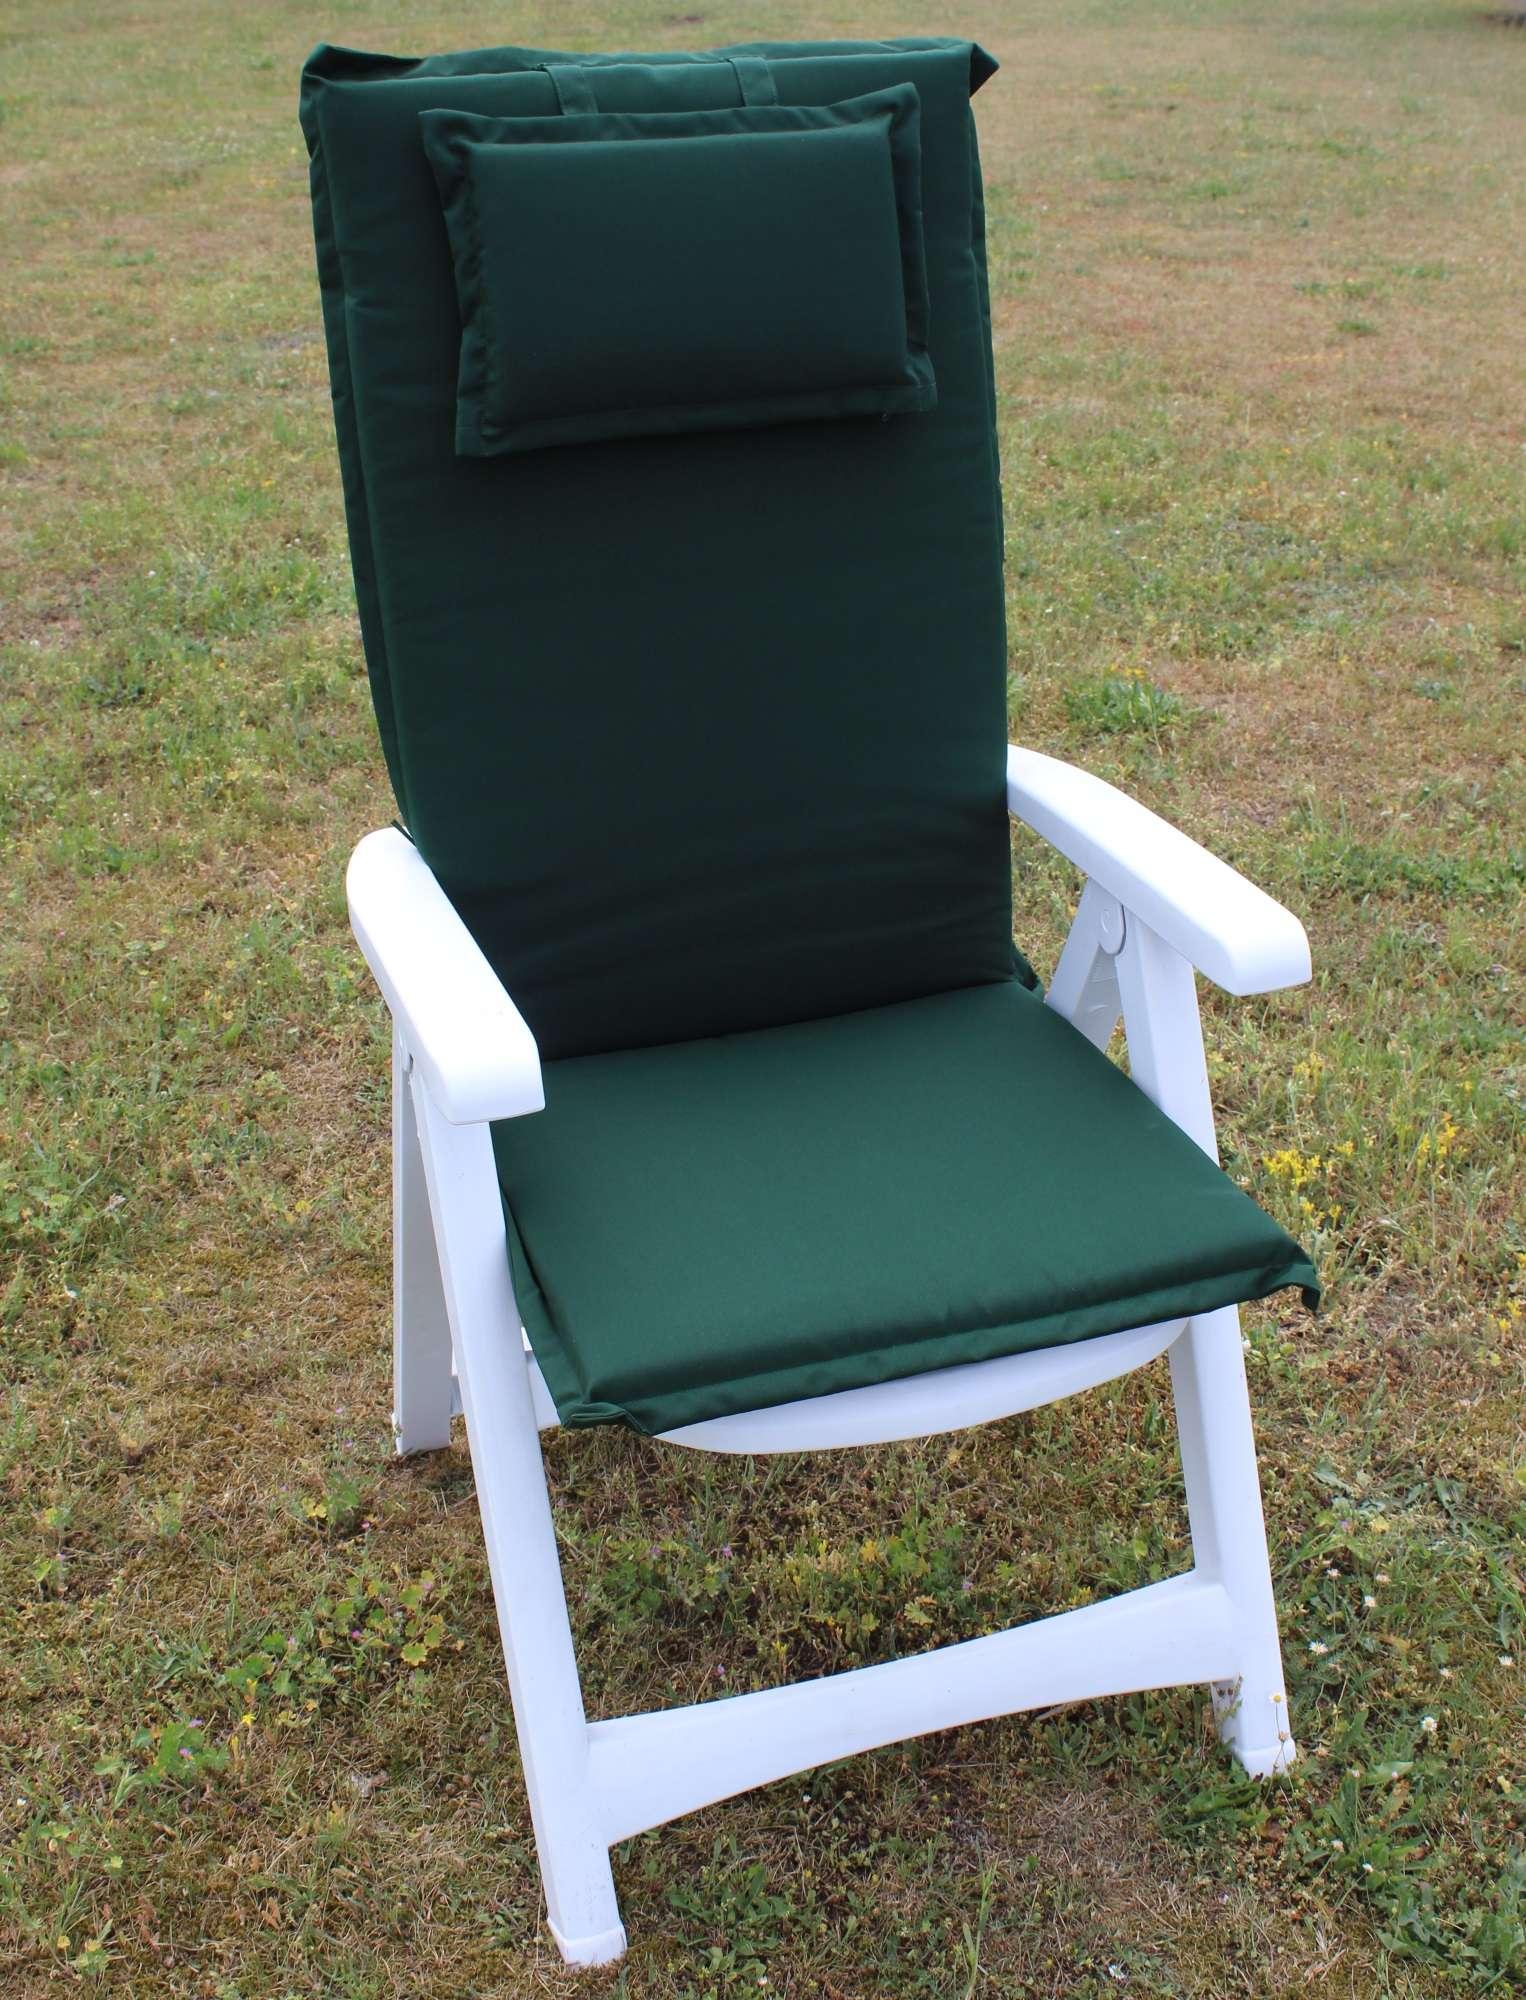 auflage auflagen sitzauflagen f r hochlehner st hle gartenst hle brema gr n neu ebay. Black Bedroom Furniture Sets. Home Design Ideas